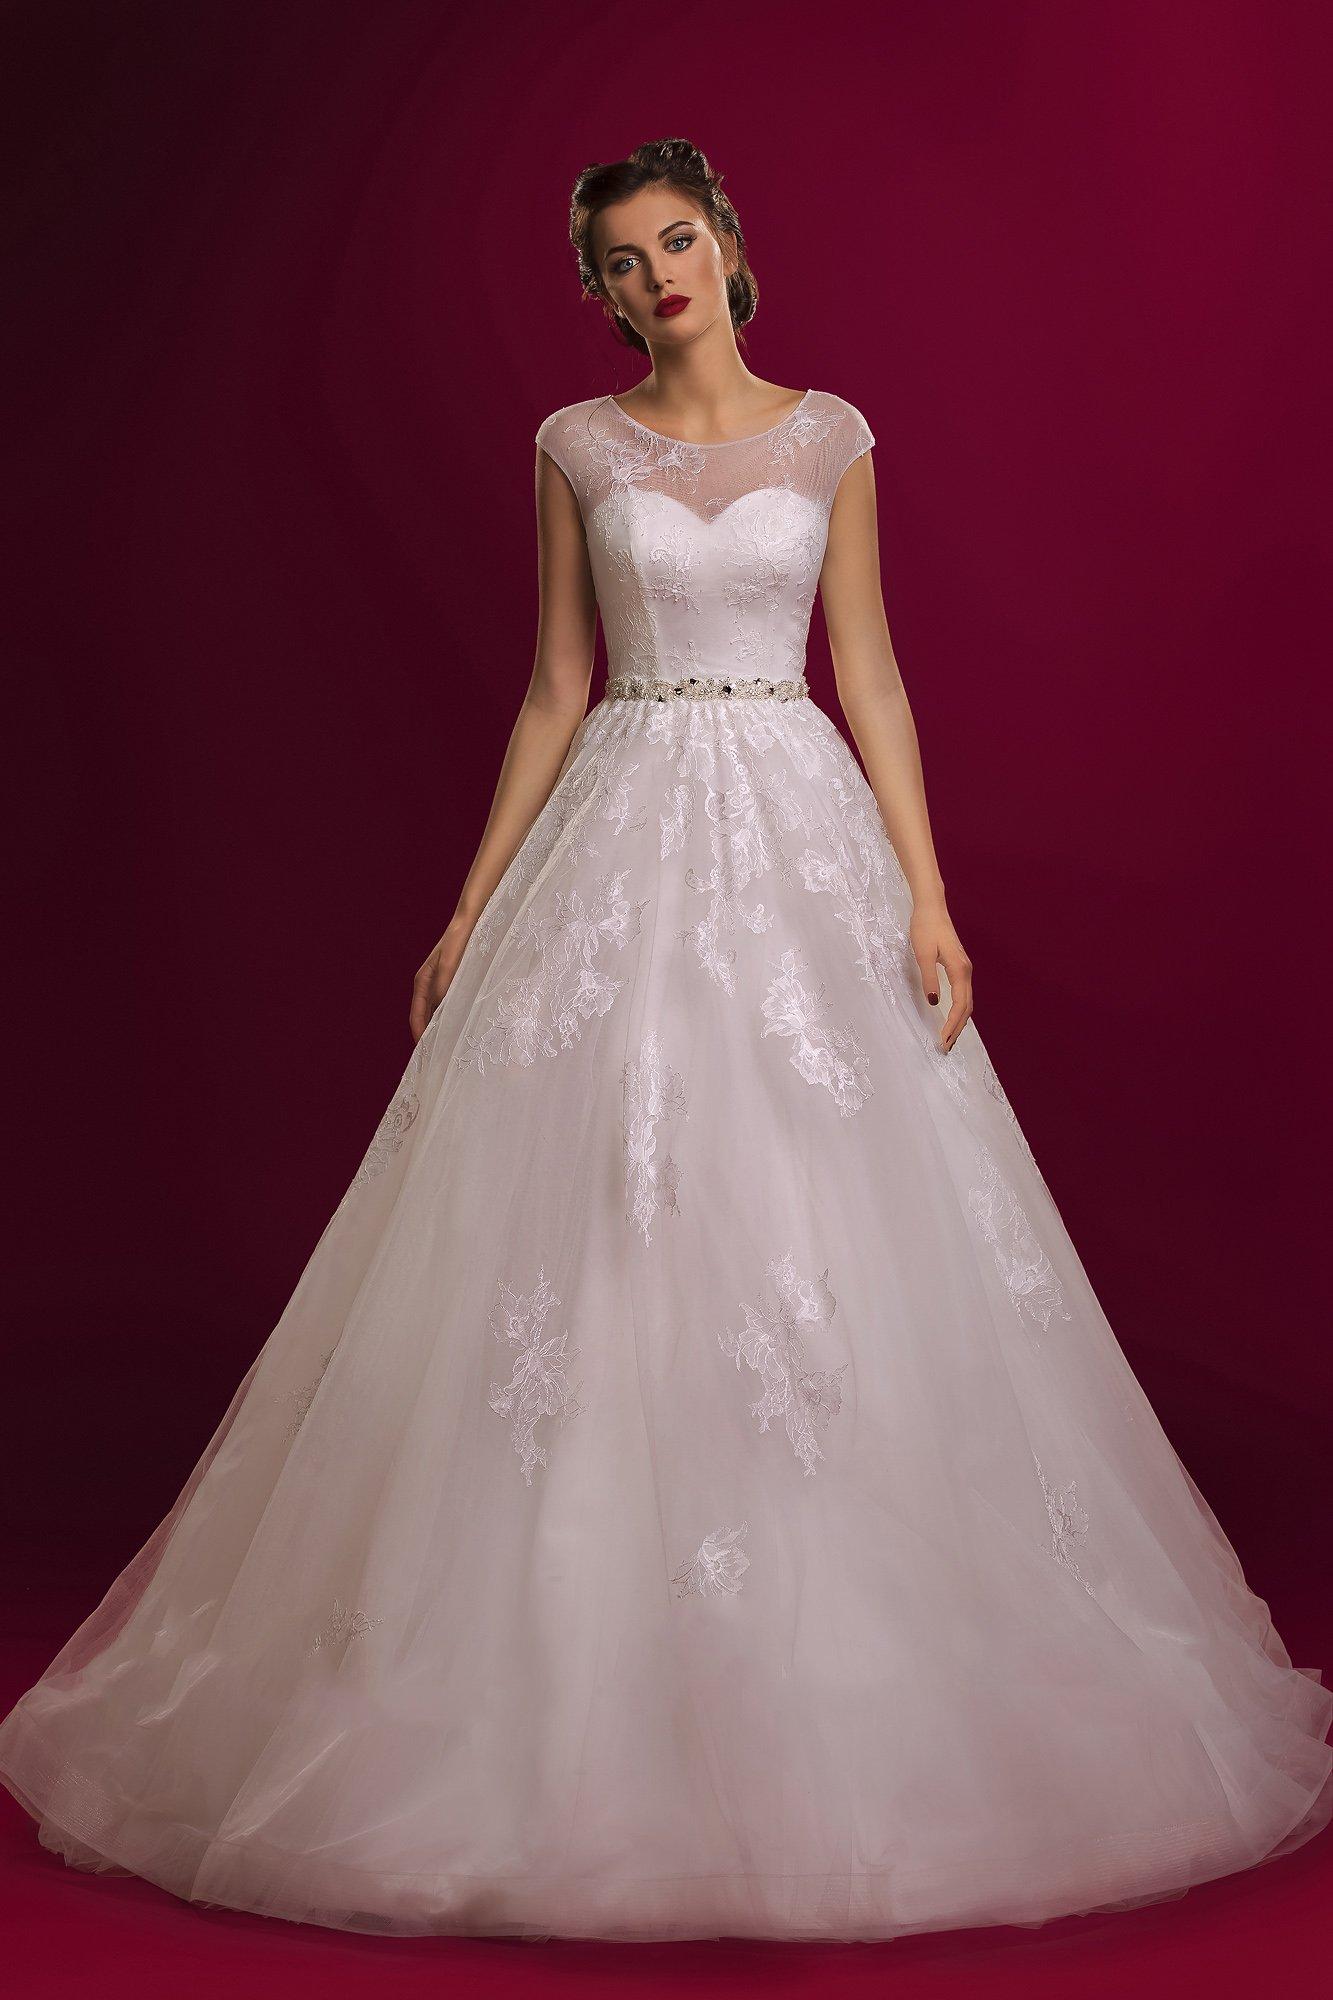 bb55fcfce22ce2a Закрытое свадебное платье с округлым вырезом и узким бисерным поясом,  украшенное кружевом.